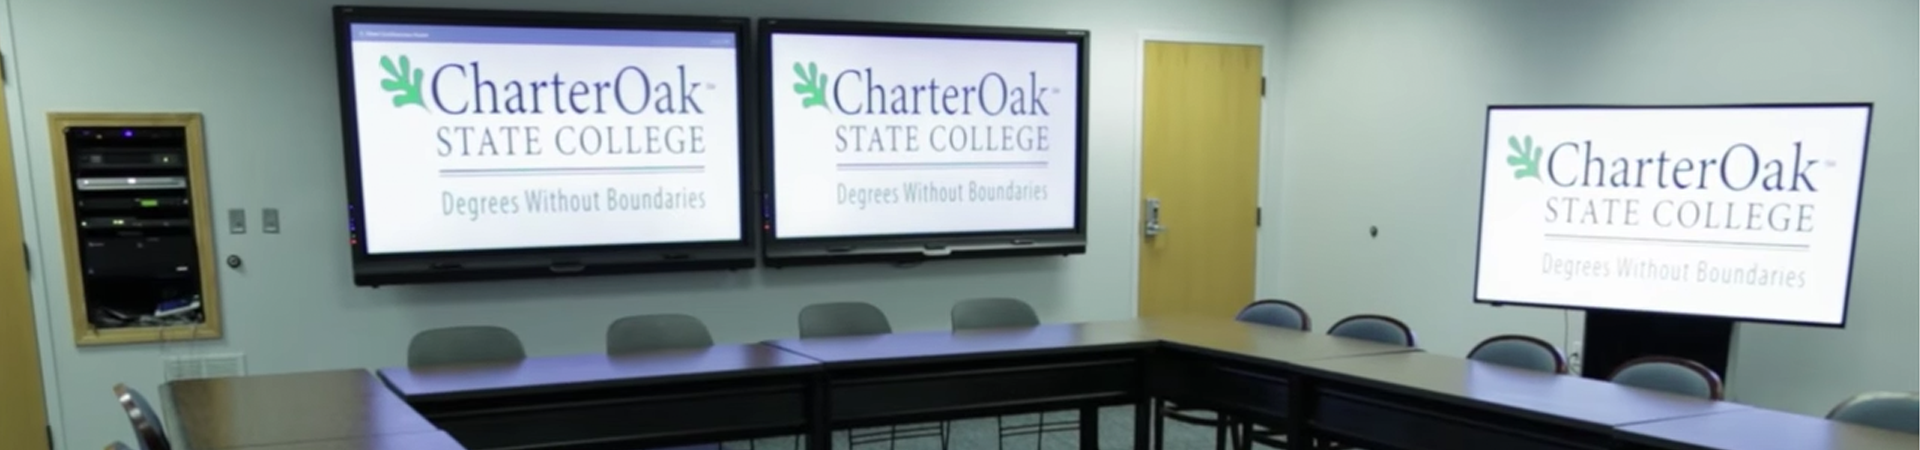 charter-oak-banner